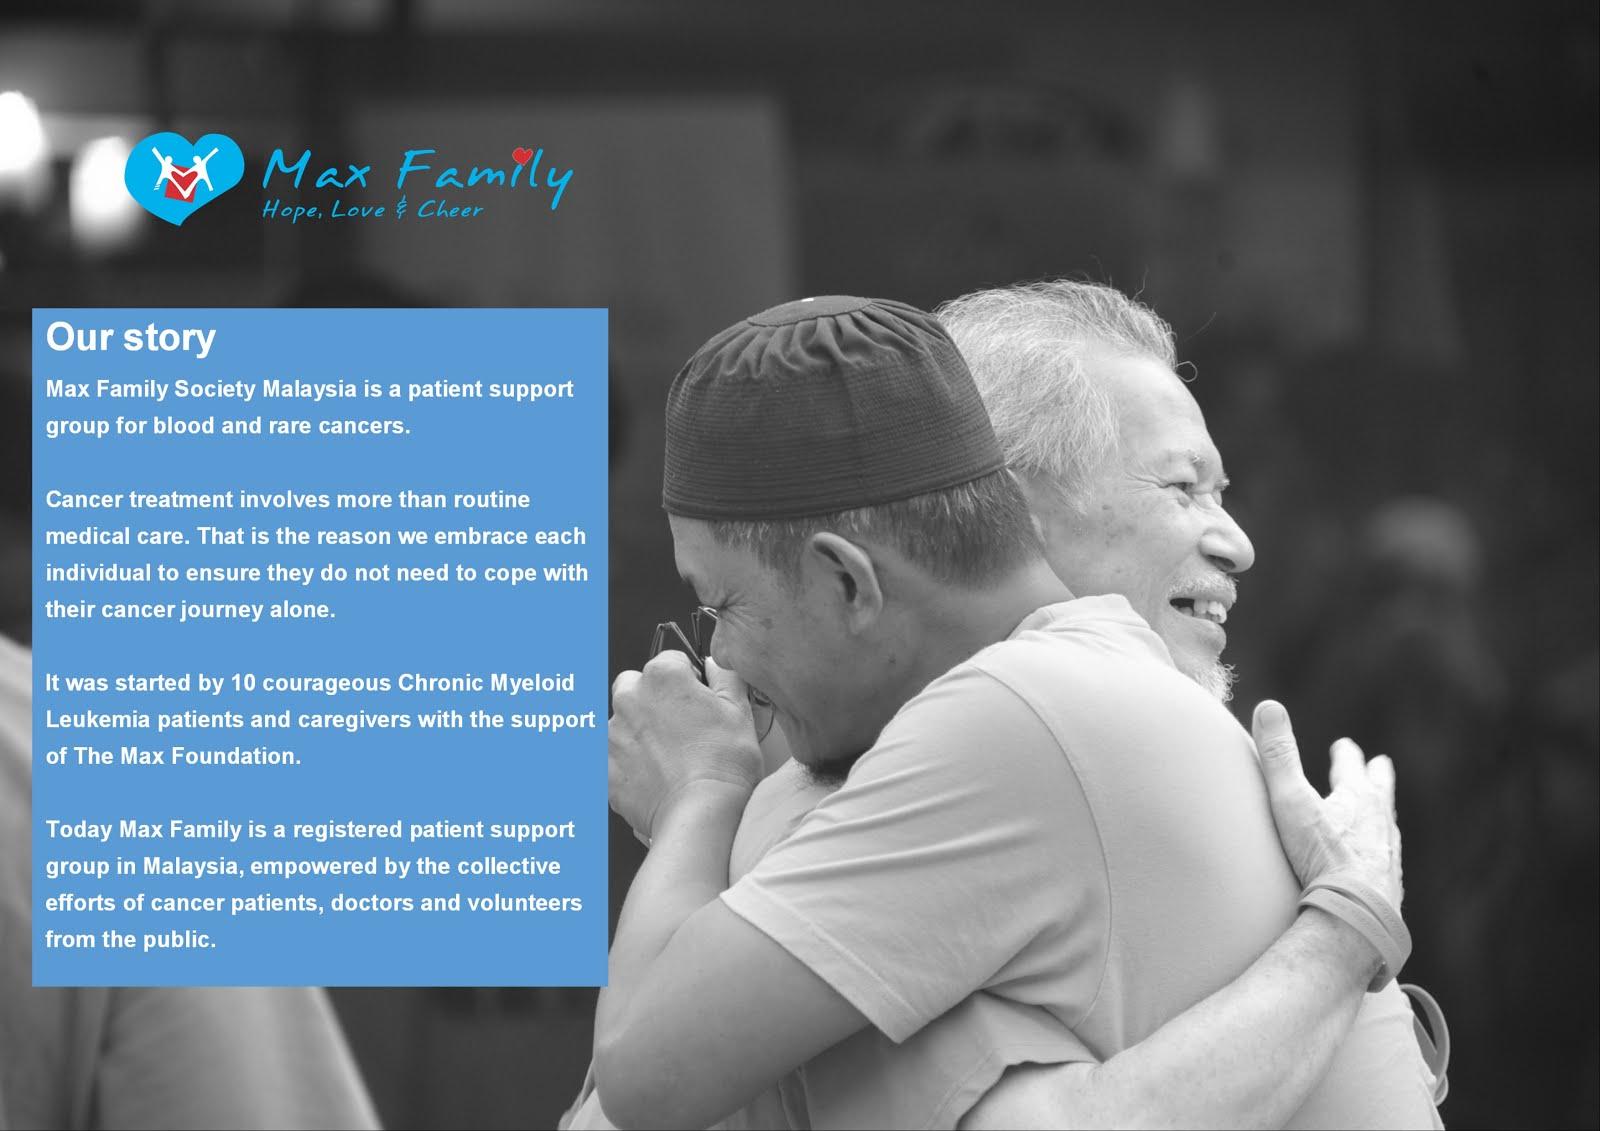 Max Family Society Malaysia